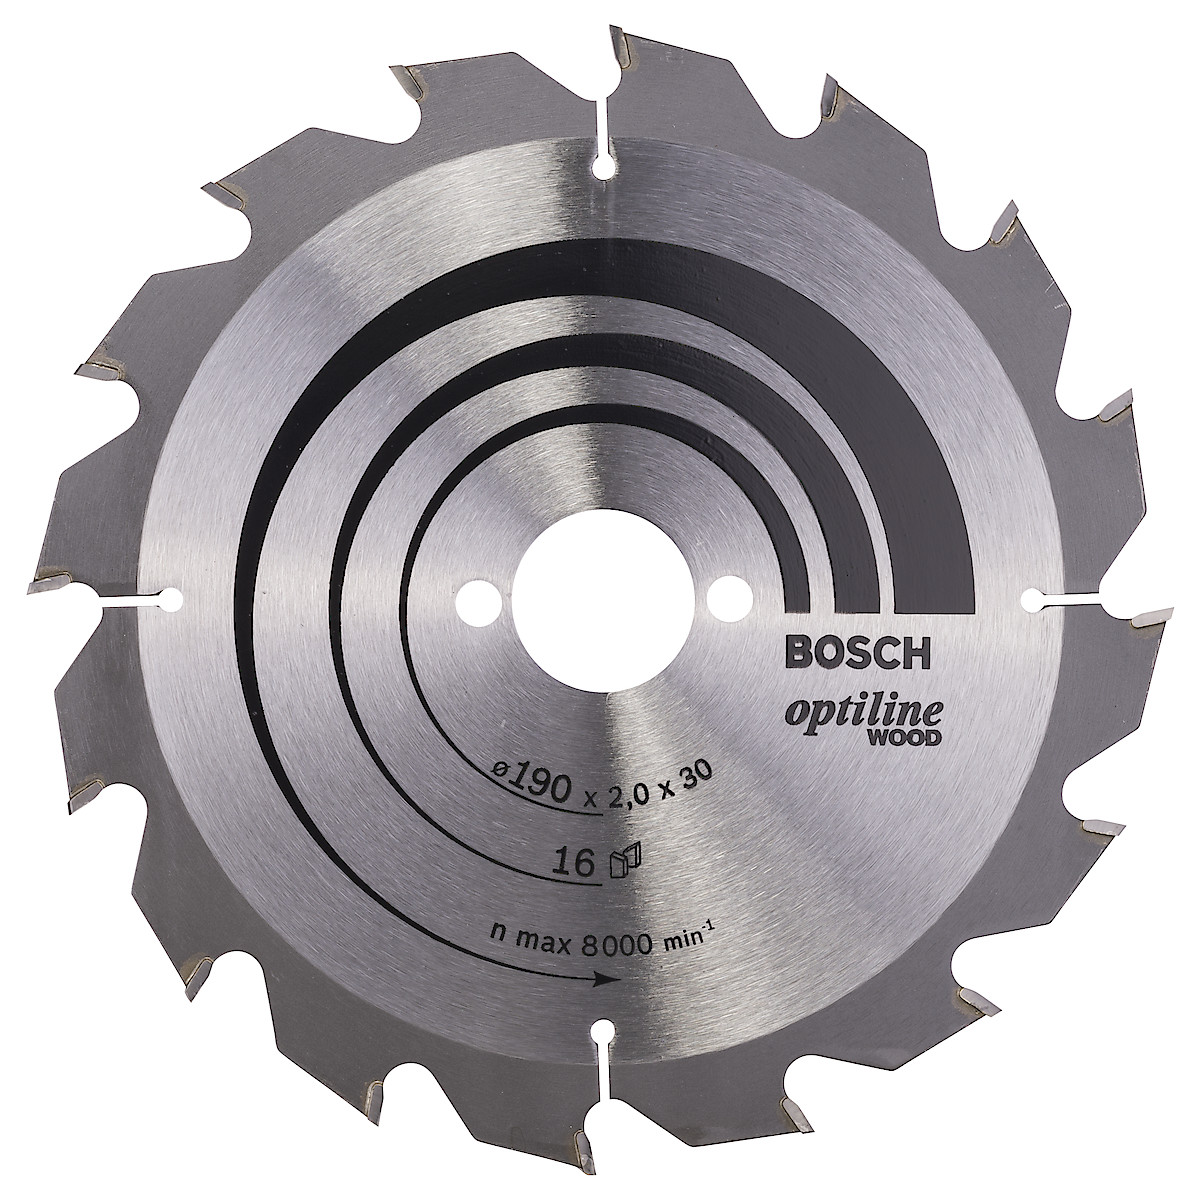 Hårdmetallklinga Bosch Optiline 190 mm